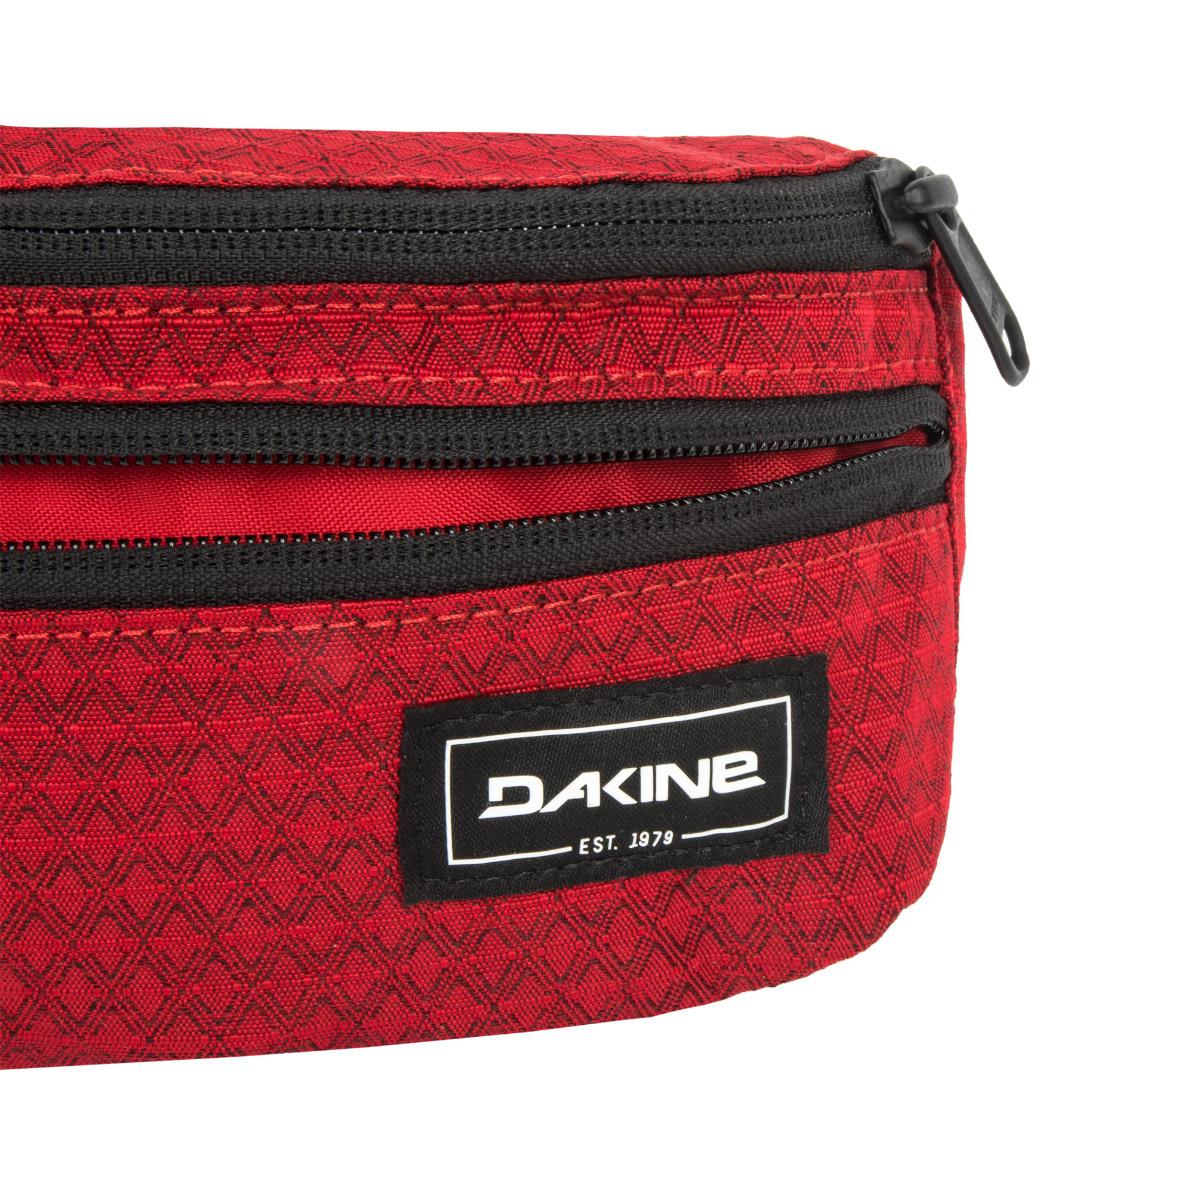 Dakine Classic Hip Pack Crimson Red Dakine Classic Hip Pack je moderní ledvinka se dvěma kapsami na zip.  hlavní kapsa na zip úzká přední kapsa se zipem nastavitelný bederní pás s přezkou